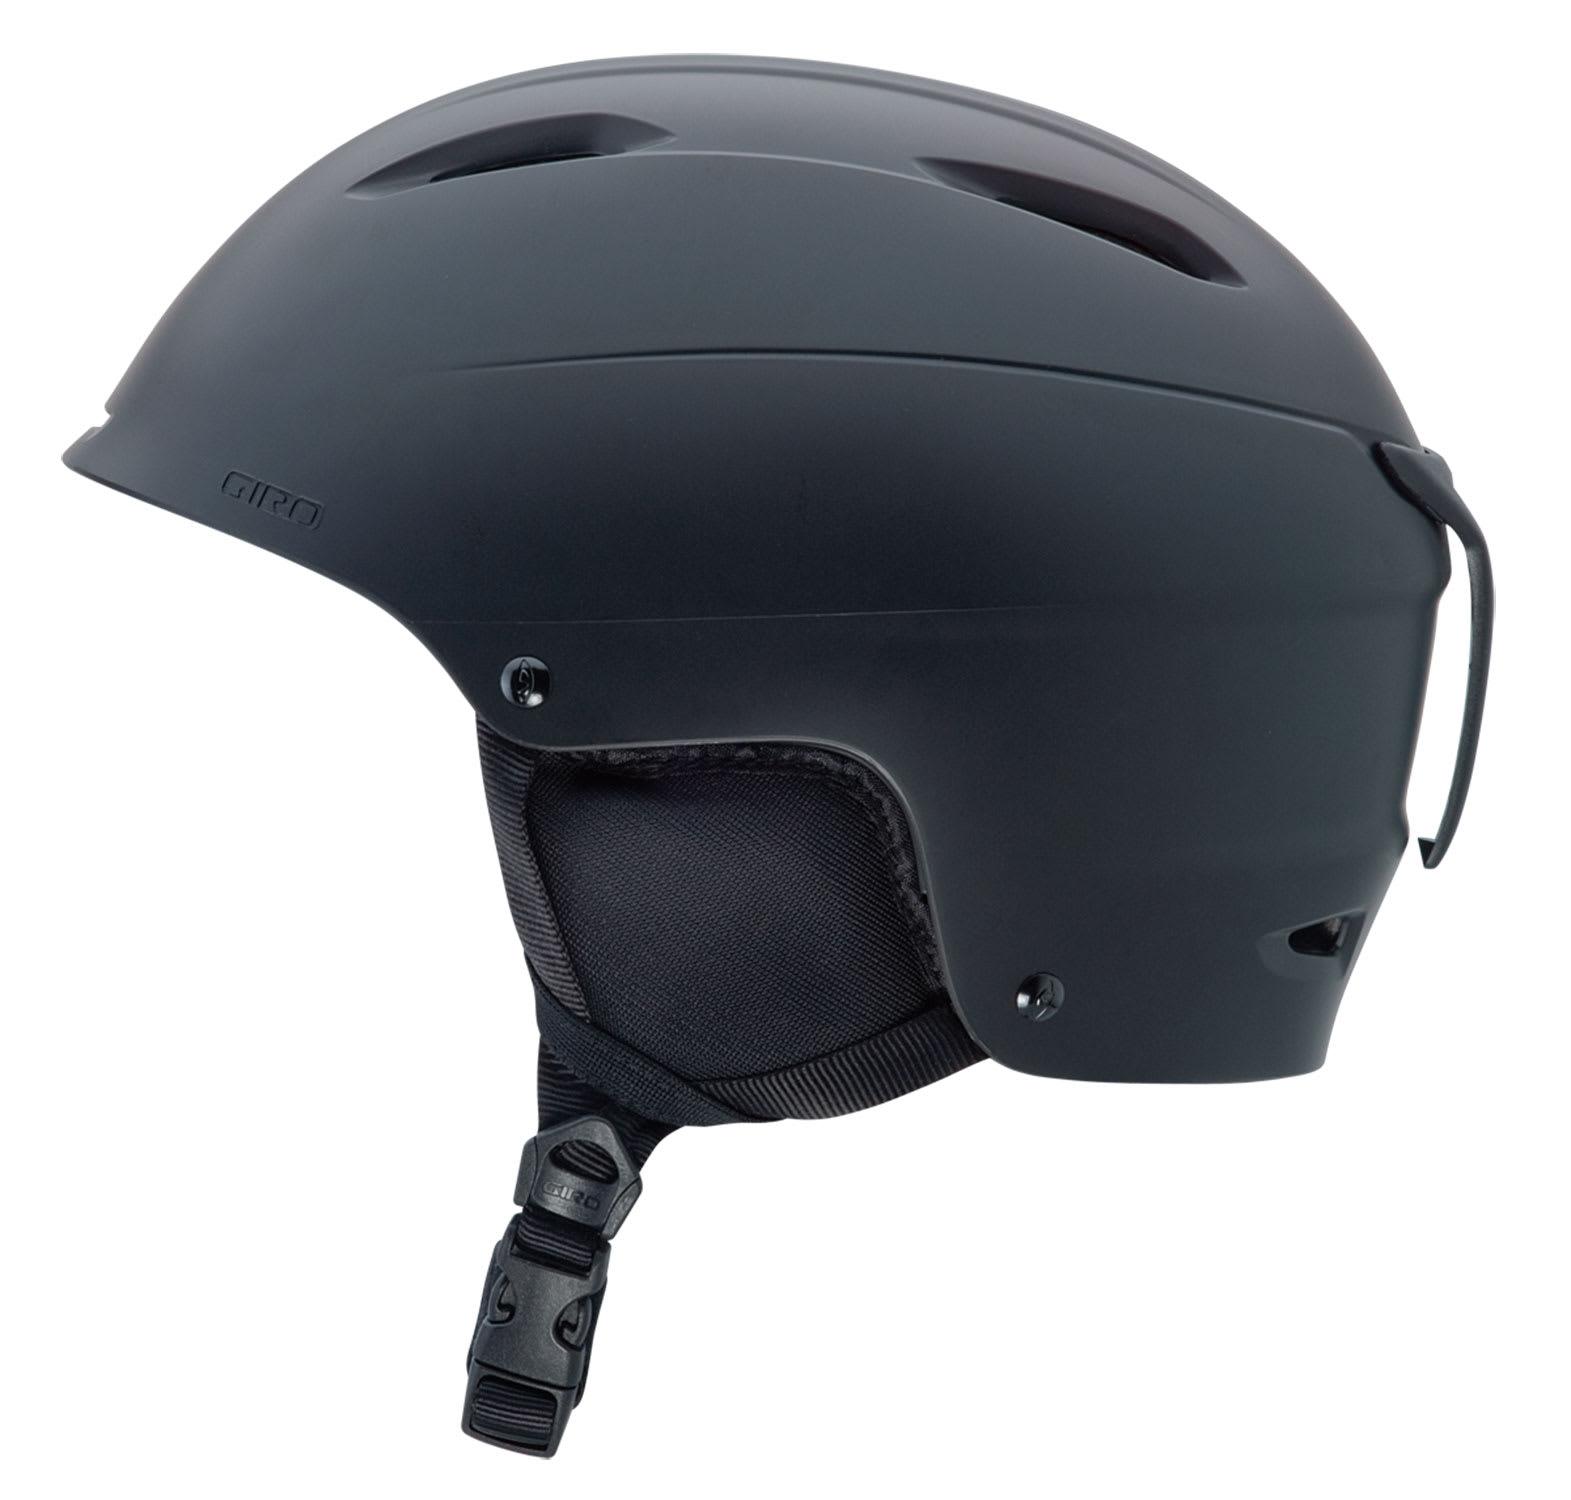 Giro Bevel Snow Helmet 2018